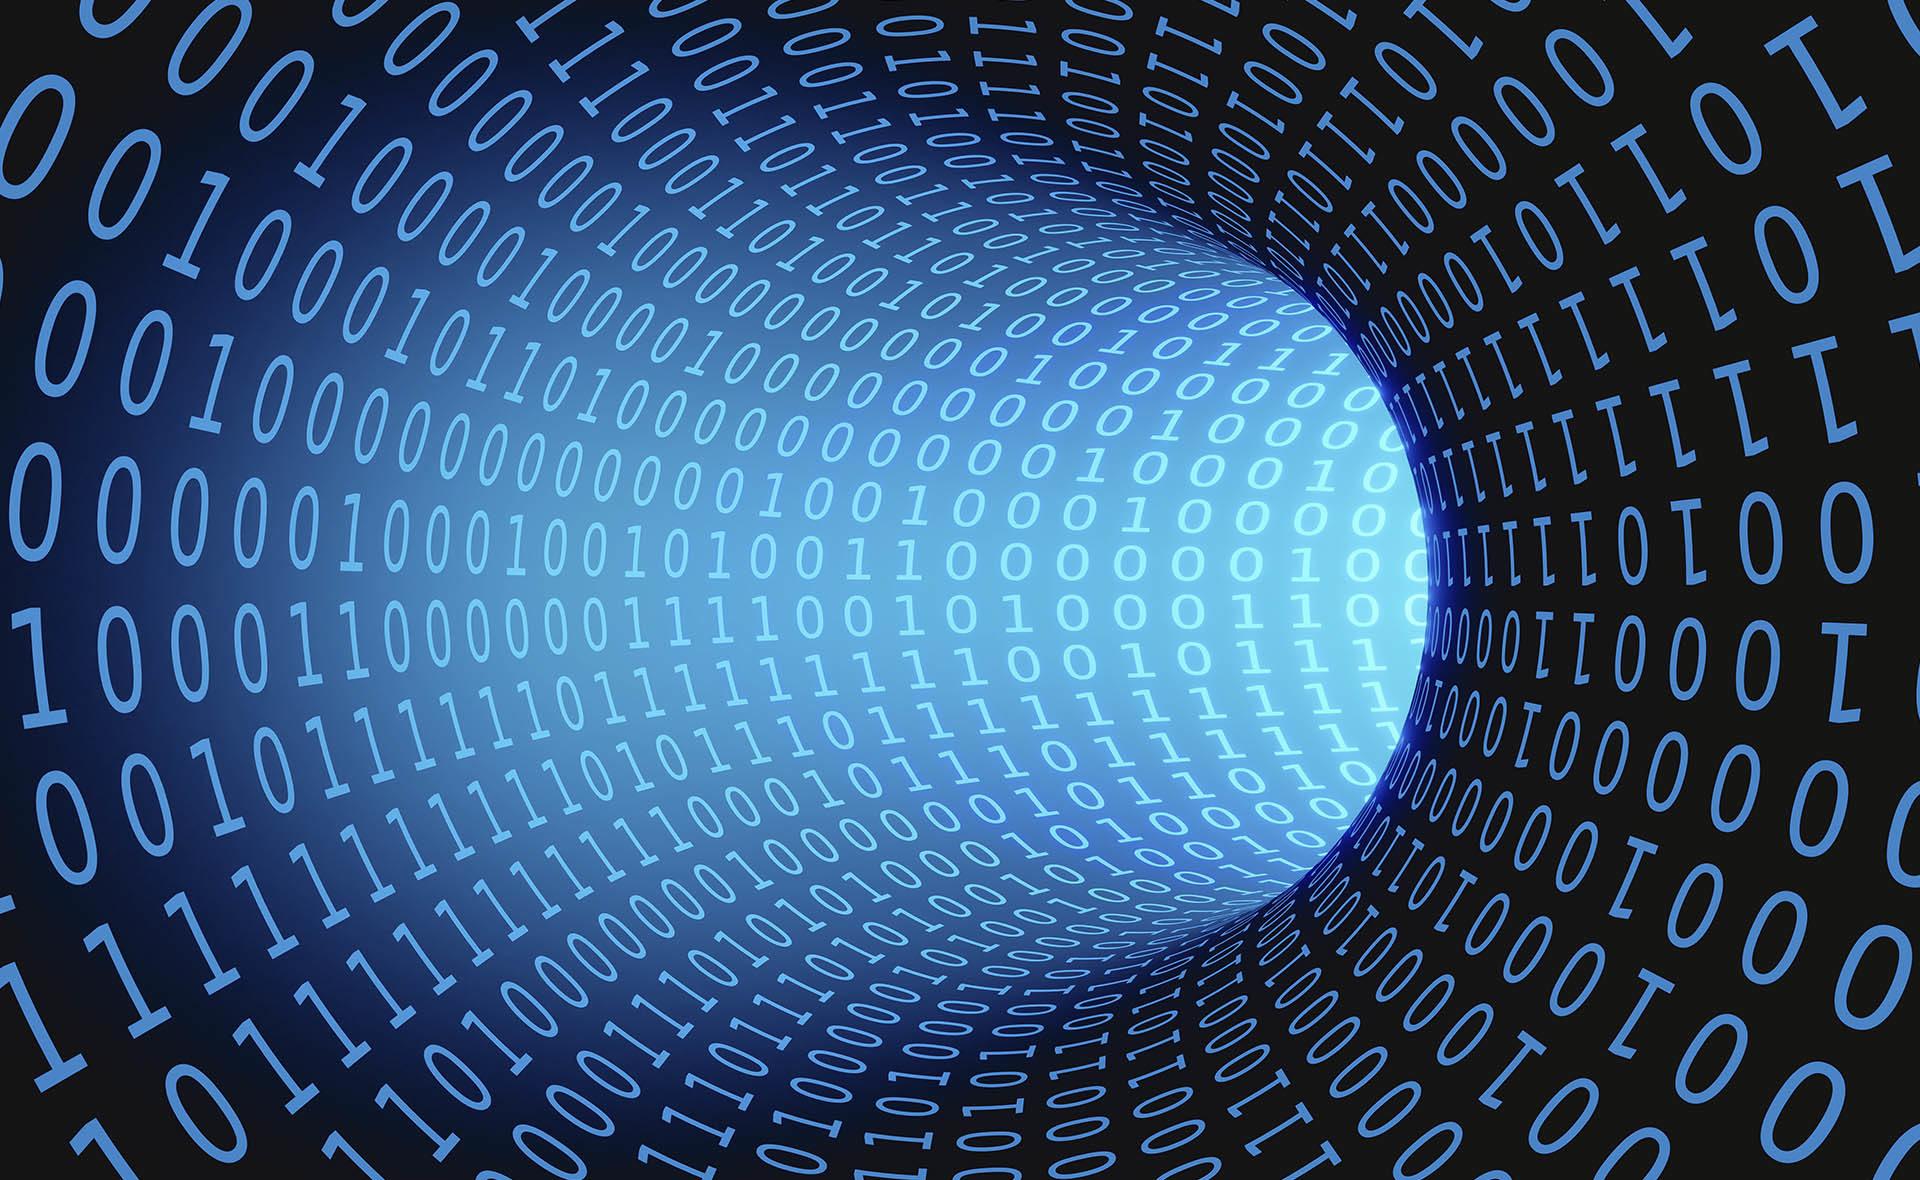 Fotografía de Préstamo digital, digitalización, tencología, innovación, binario, túnel, camino, financiación